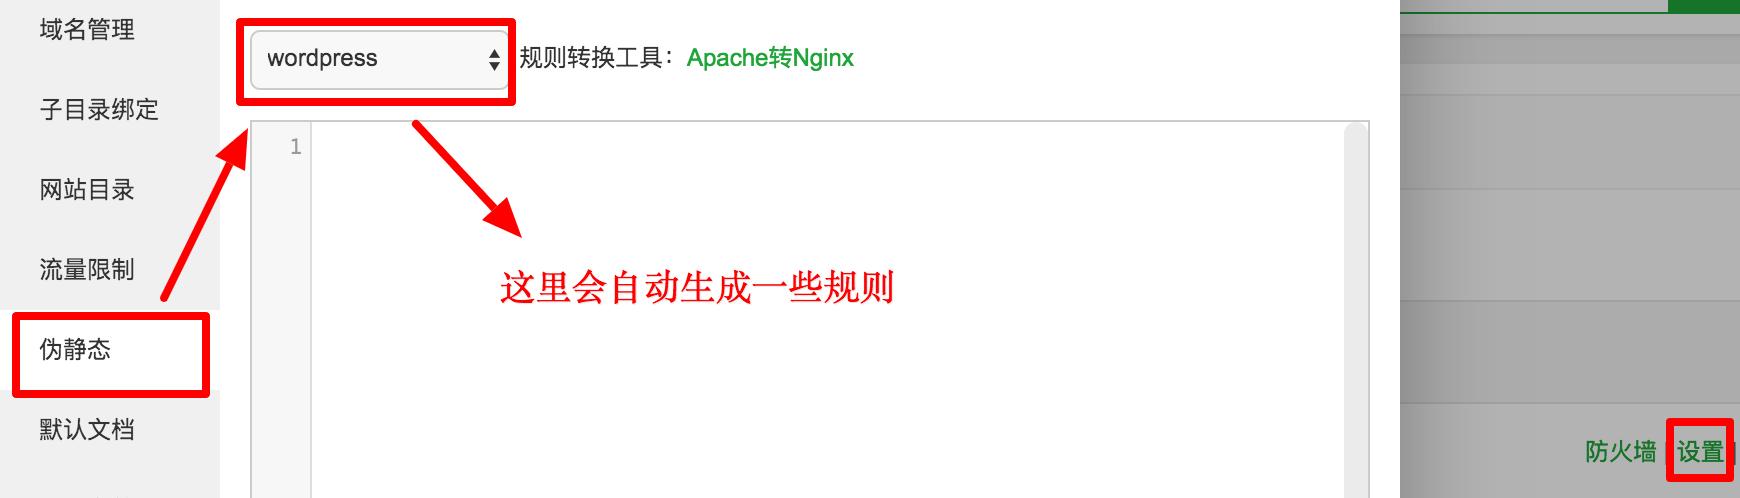 如何解决WordPress伪静态链接出现404错误